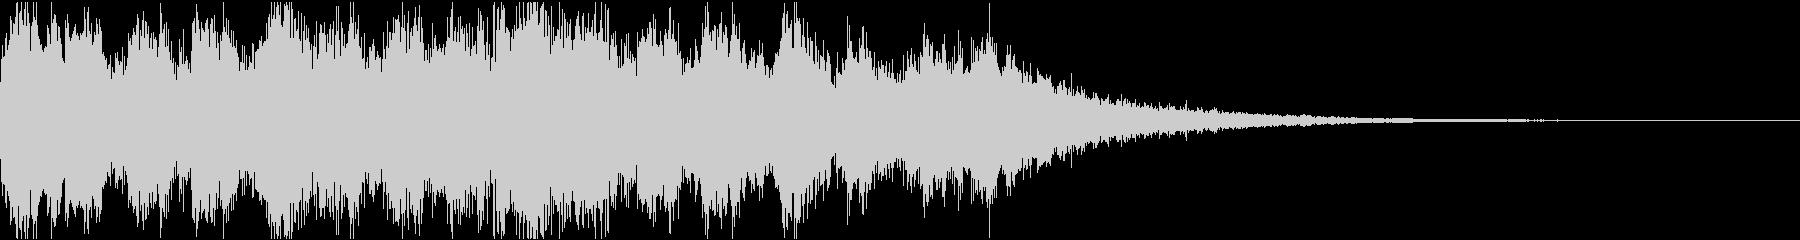 リラックスチルアウトトロピカルジングルの未再生の波形